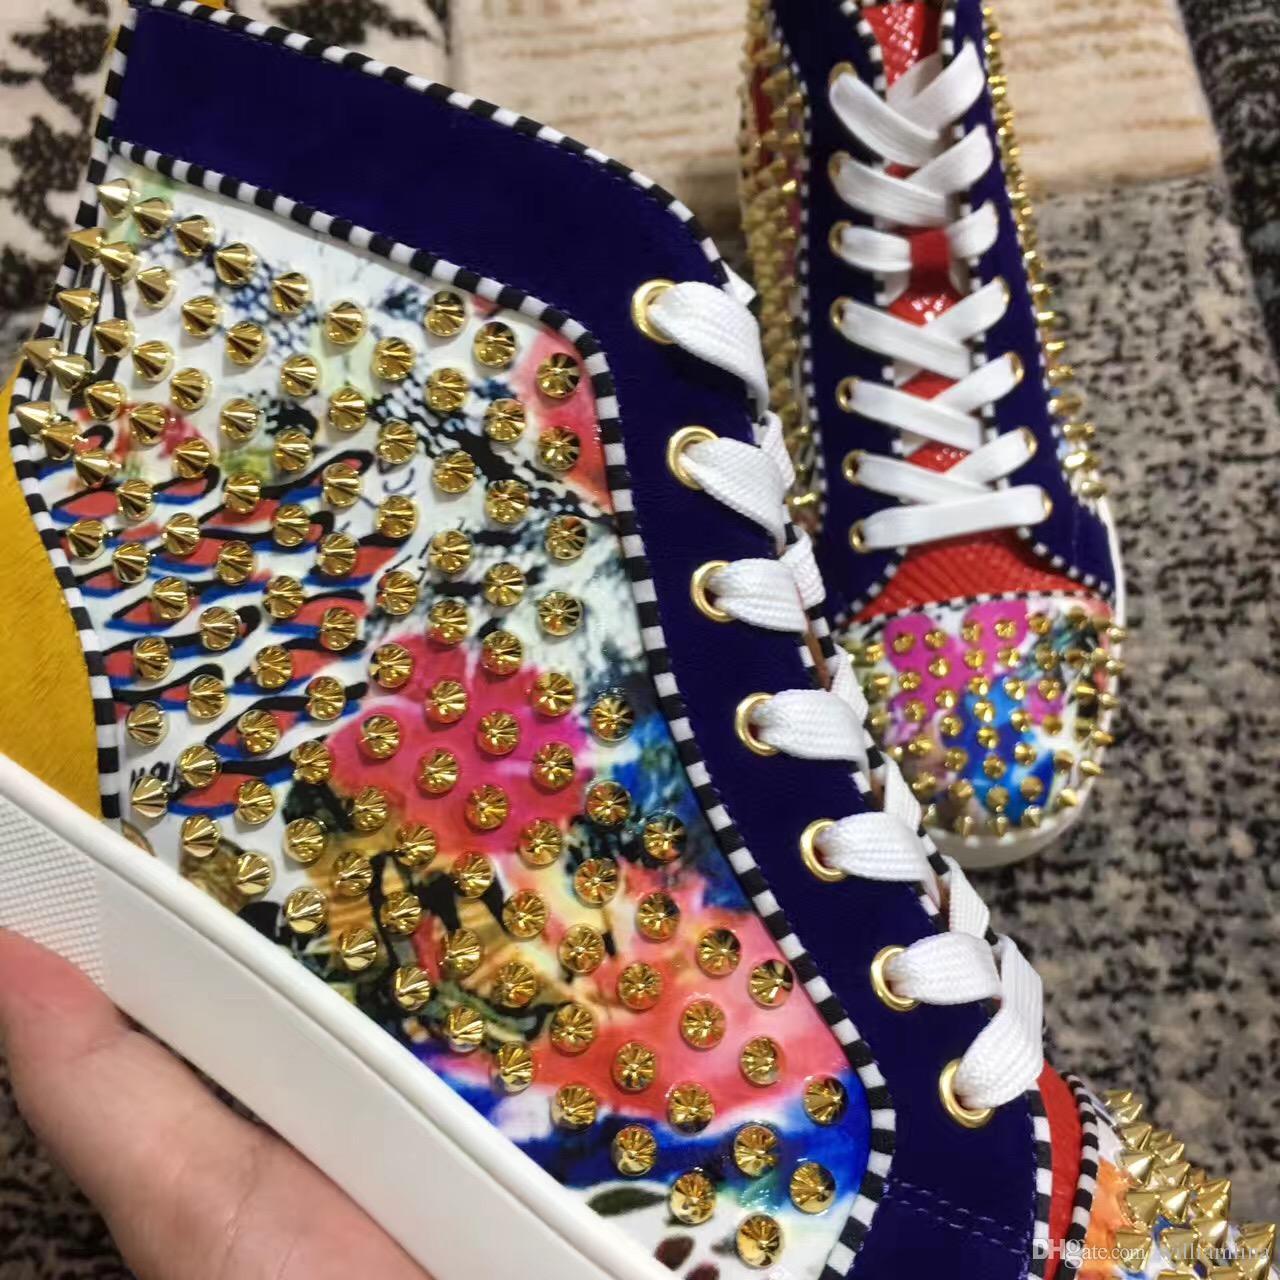 Altın Spike Çiçek Deri Kadınlar, Erkekler Unisex Sneakers Ayakkabı Tasarım Yüksek Üst Kırmızı Alt Ayakkabı Damızlık Rahat Yürüyüş Flats Boyutu 35-46